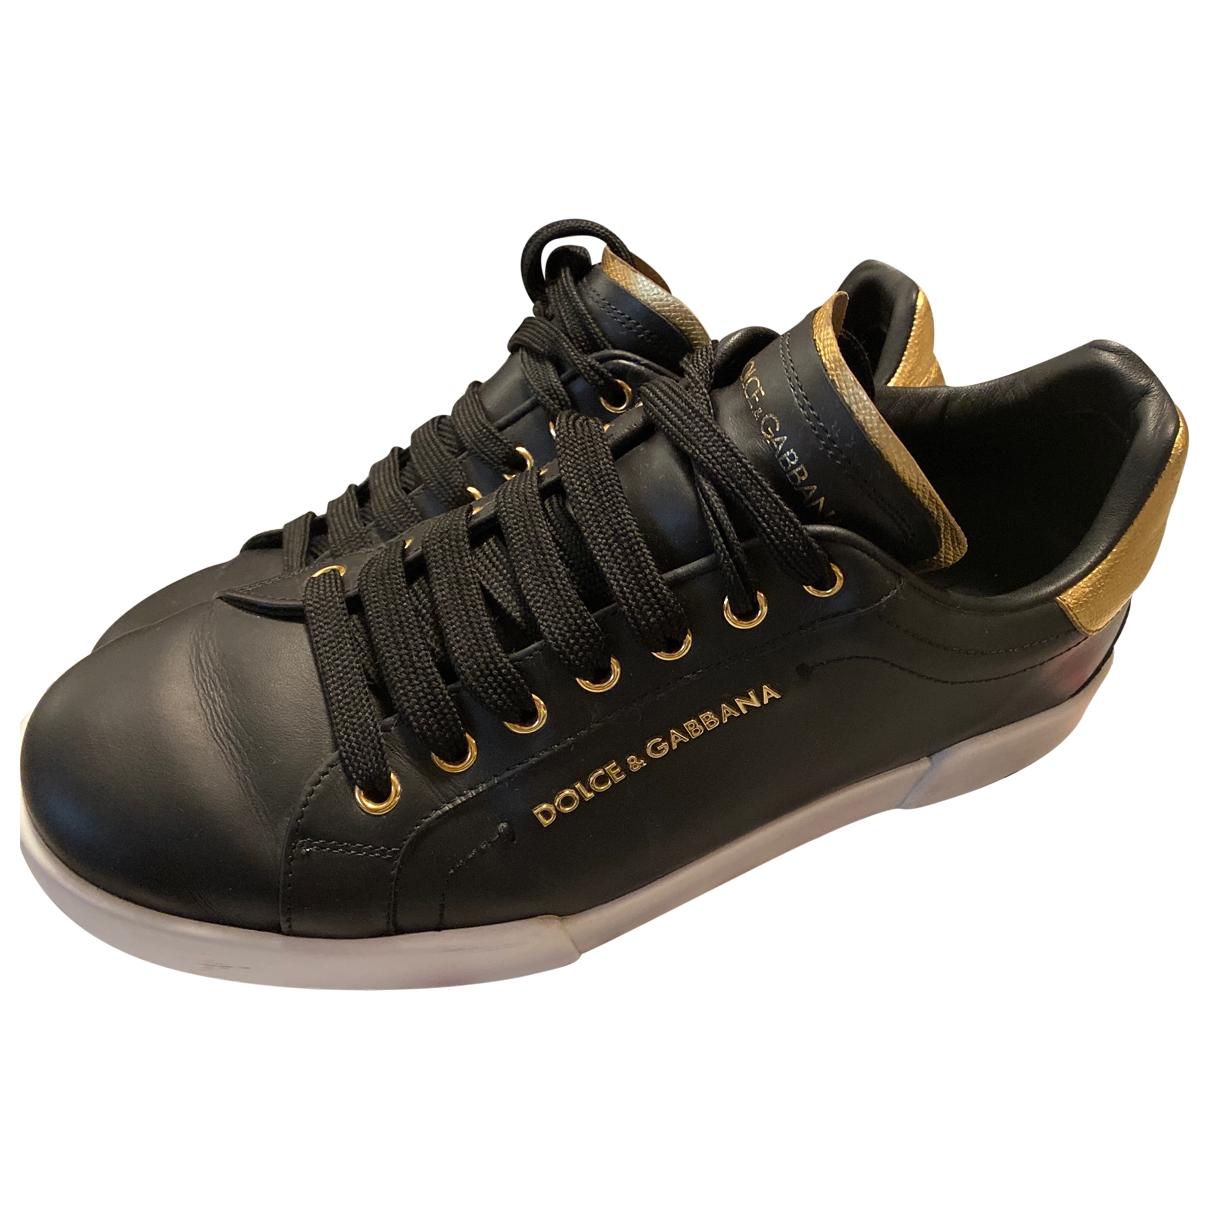 Dolce & Gabbana - Baskets Portofino pour homme en cuir - noir